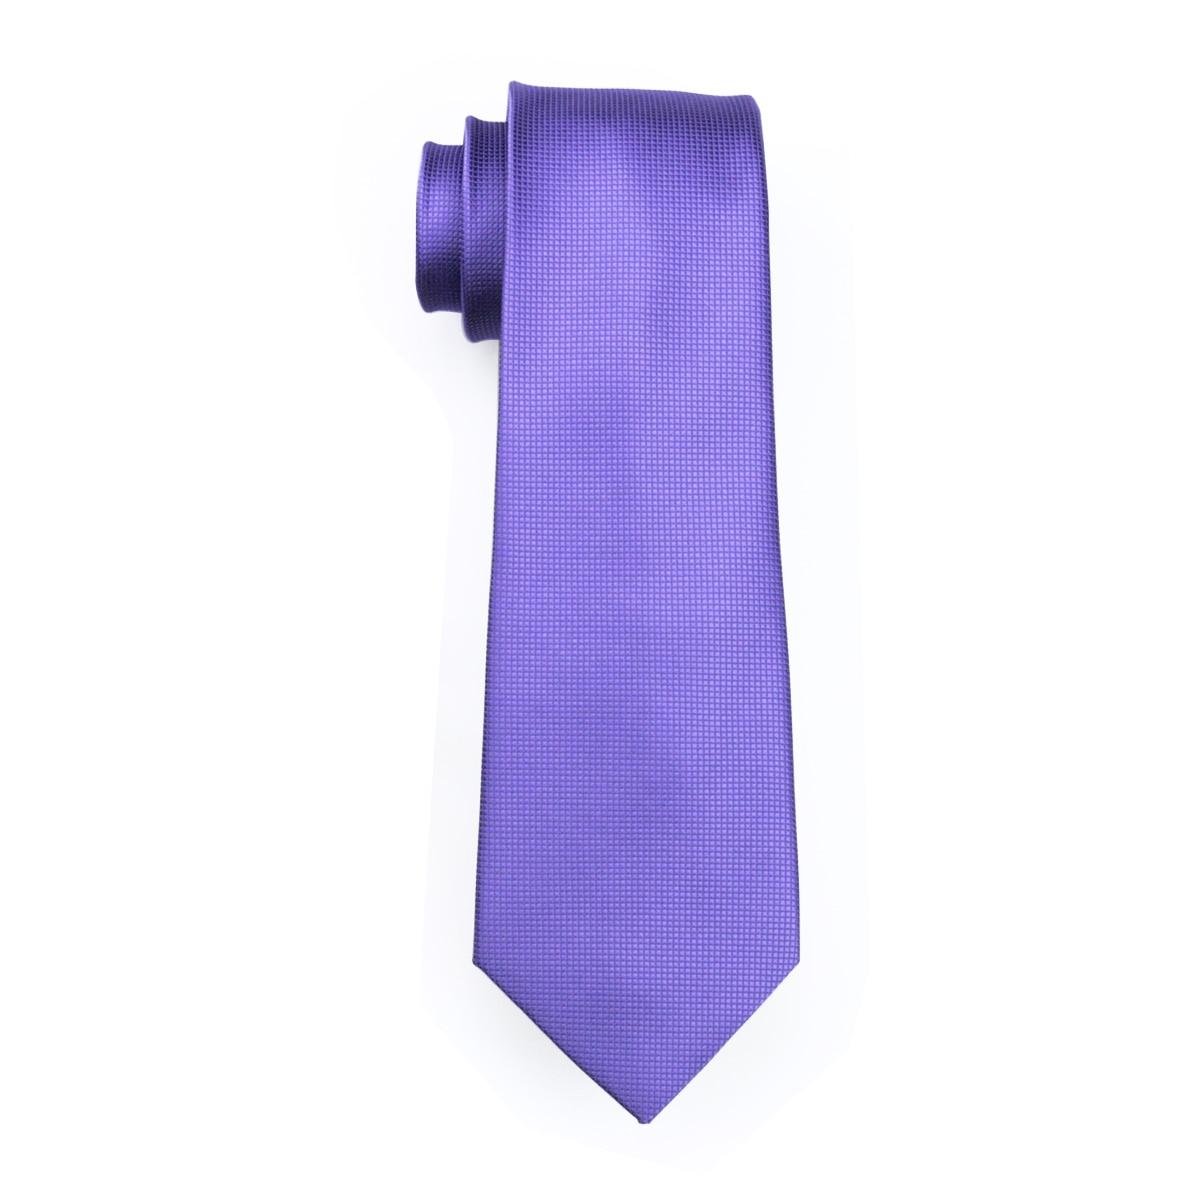 Мужской галстук фиолетовый сплошной равномерный цвет шелковый галстук наборы галстуки для мужчин gravata для Свадебное торжество деловая встреча GP-015